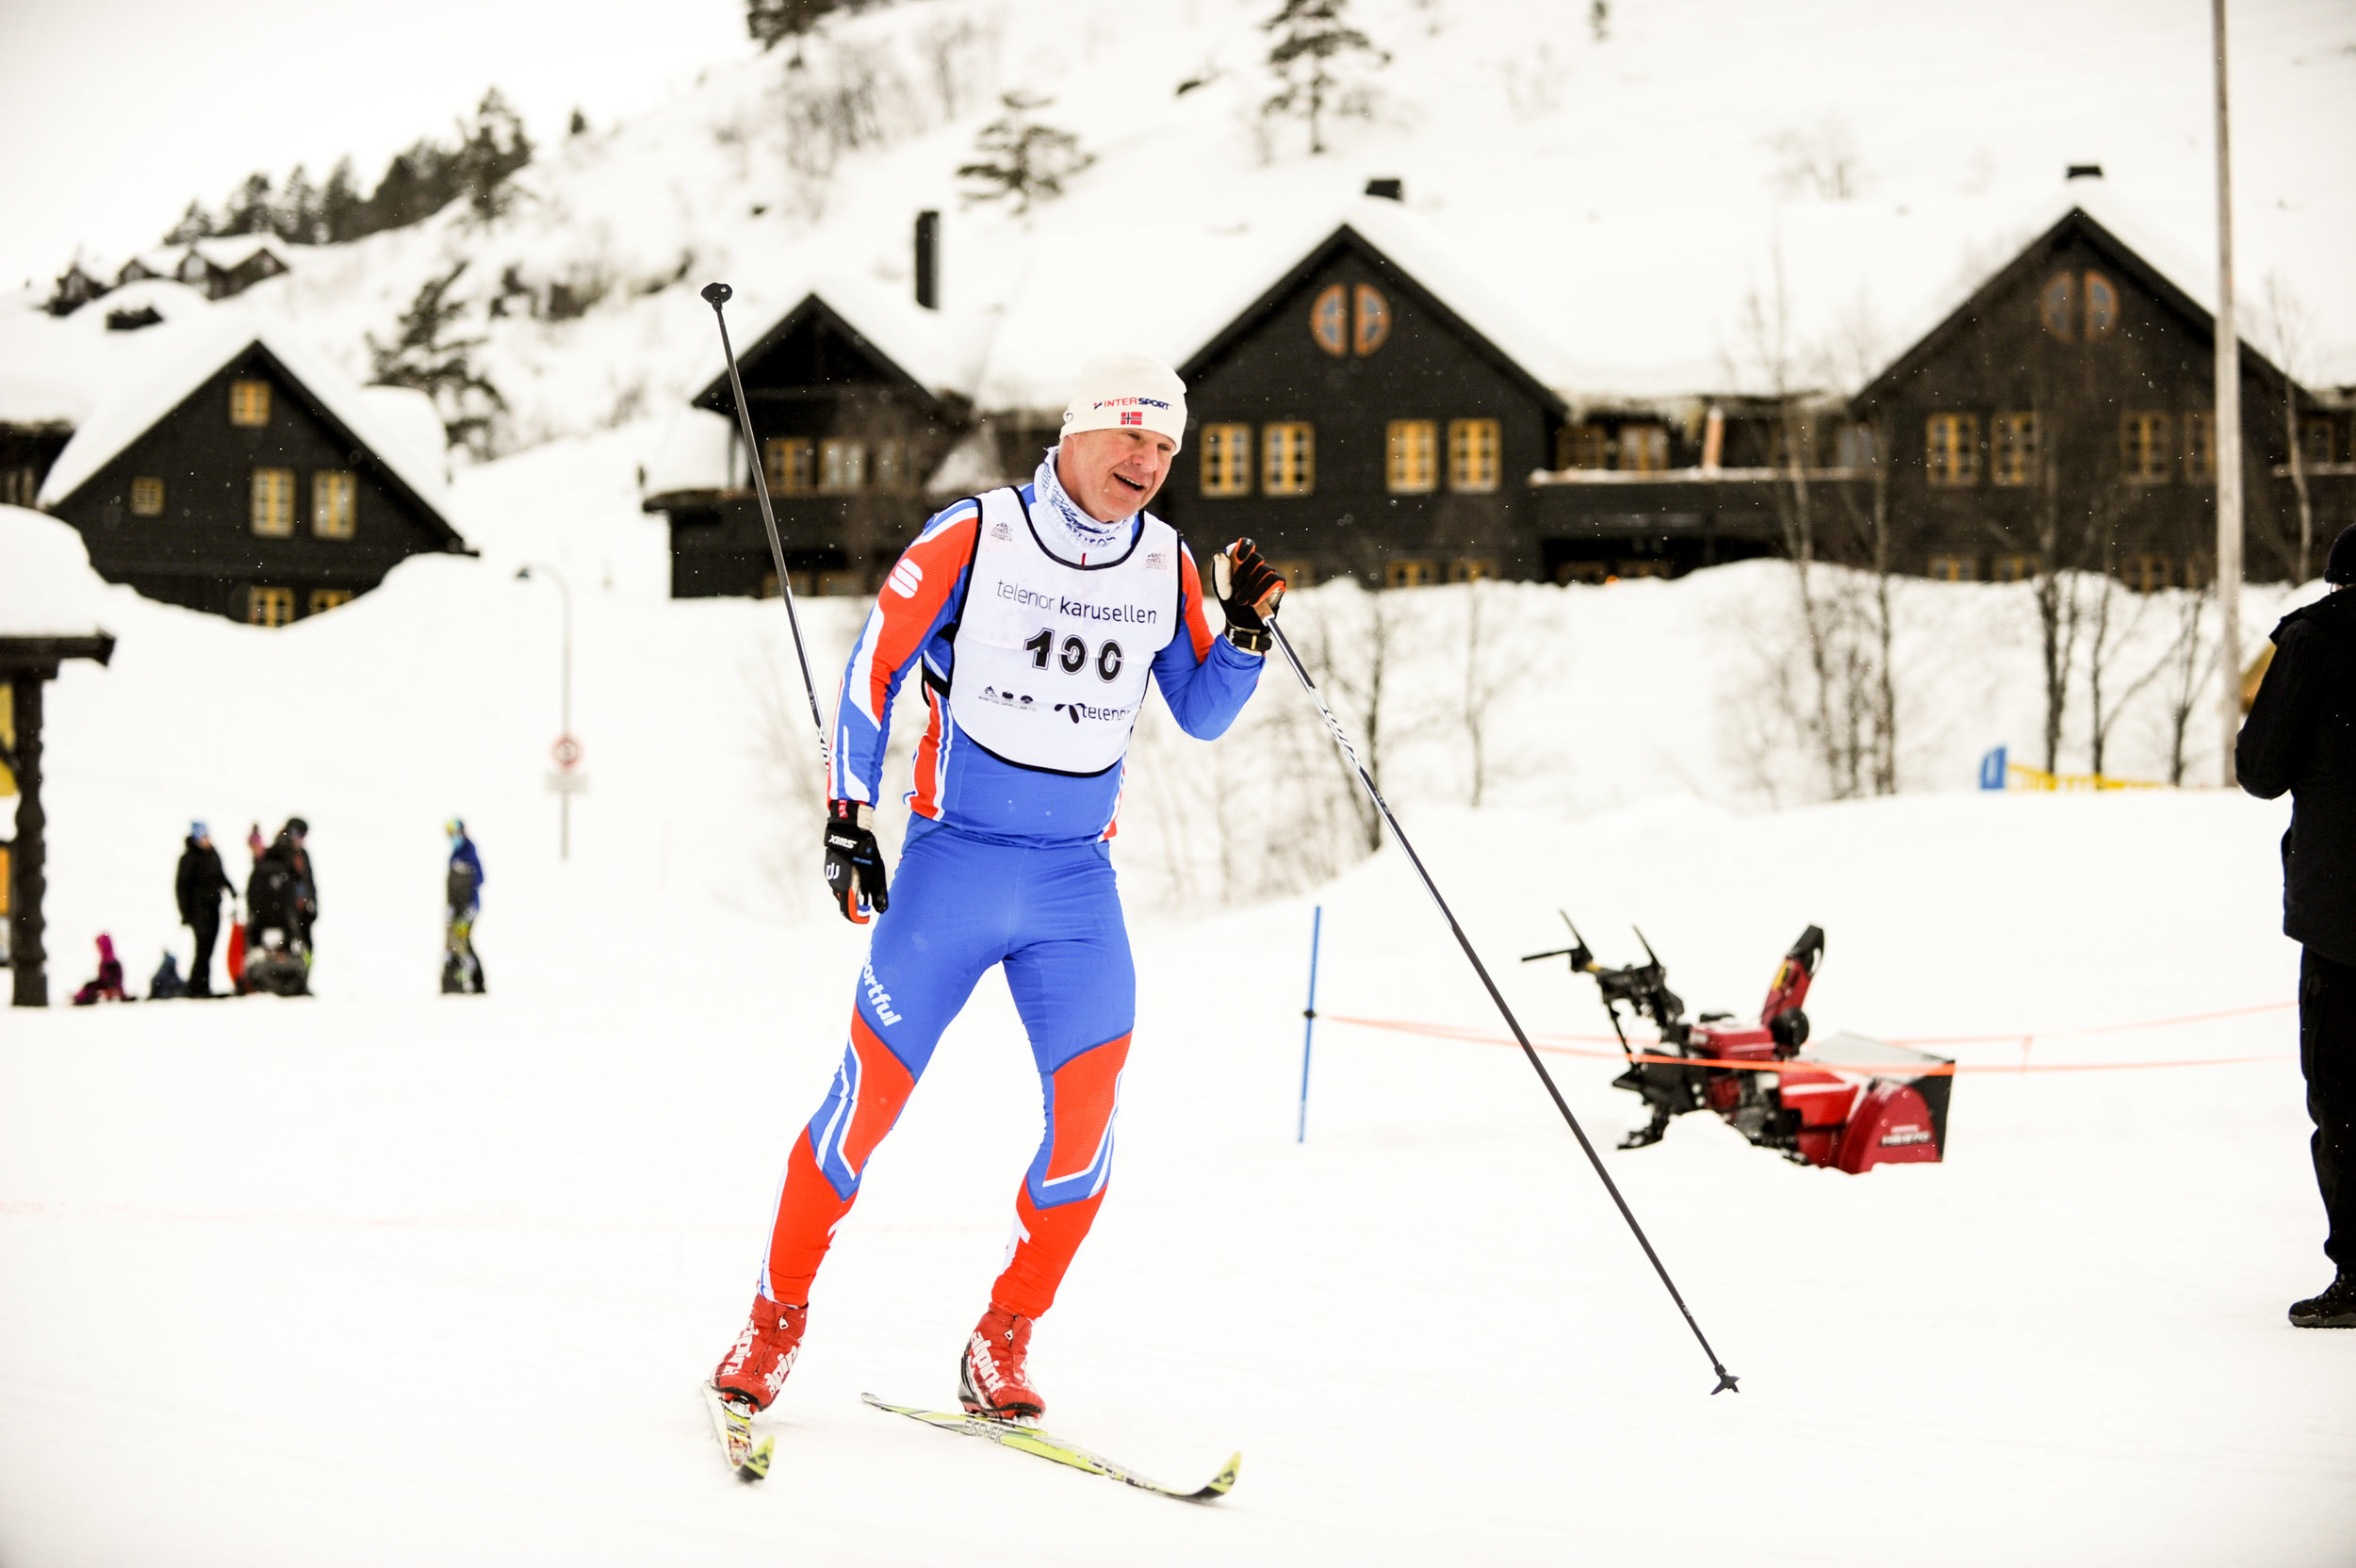 Vinner av Bortebeineren klassisk Bjørge Reiersen Foto: Espen sand/Lindesnes avis